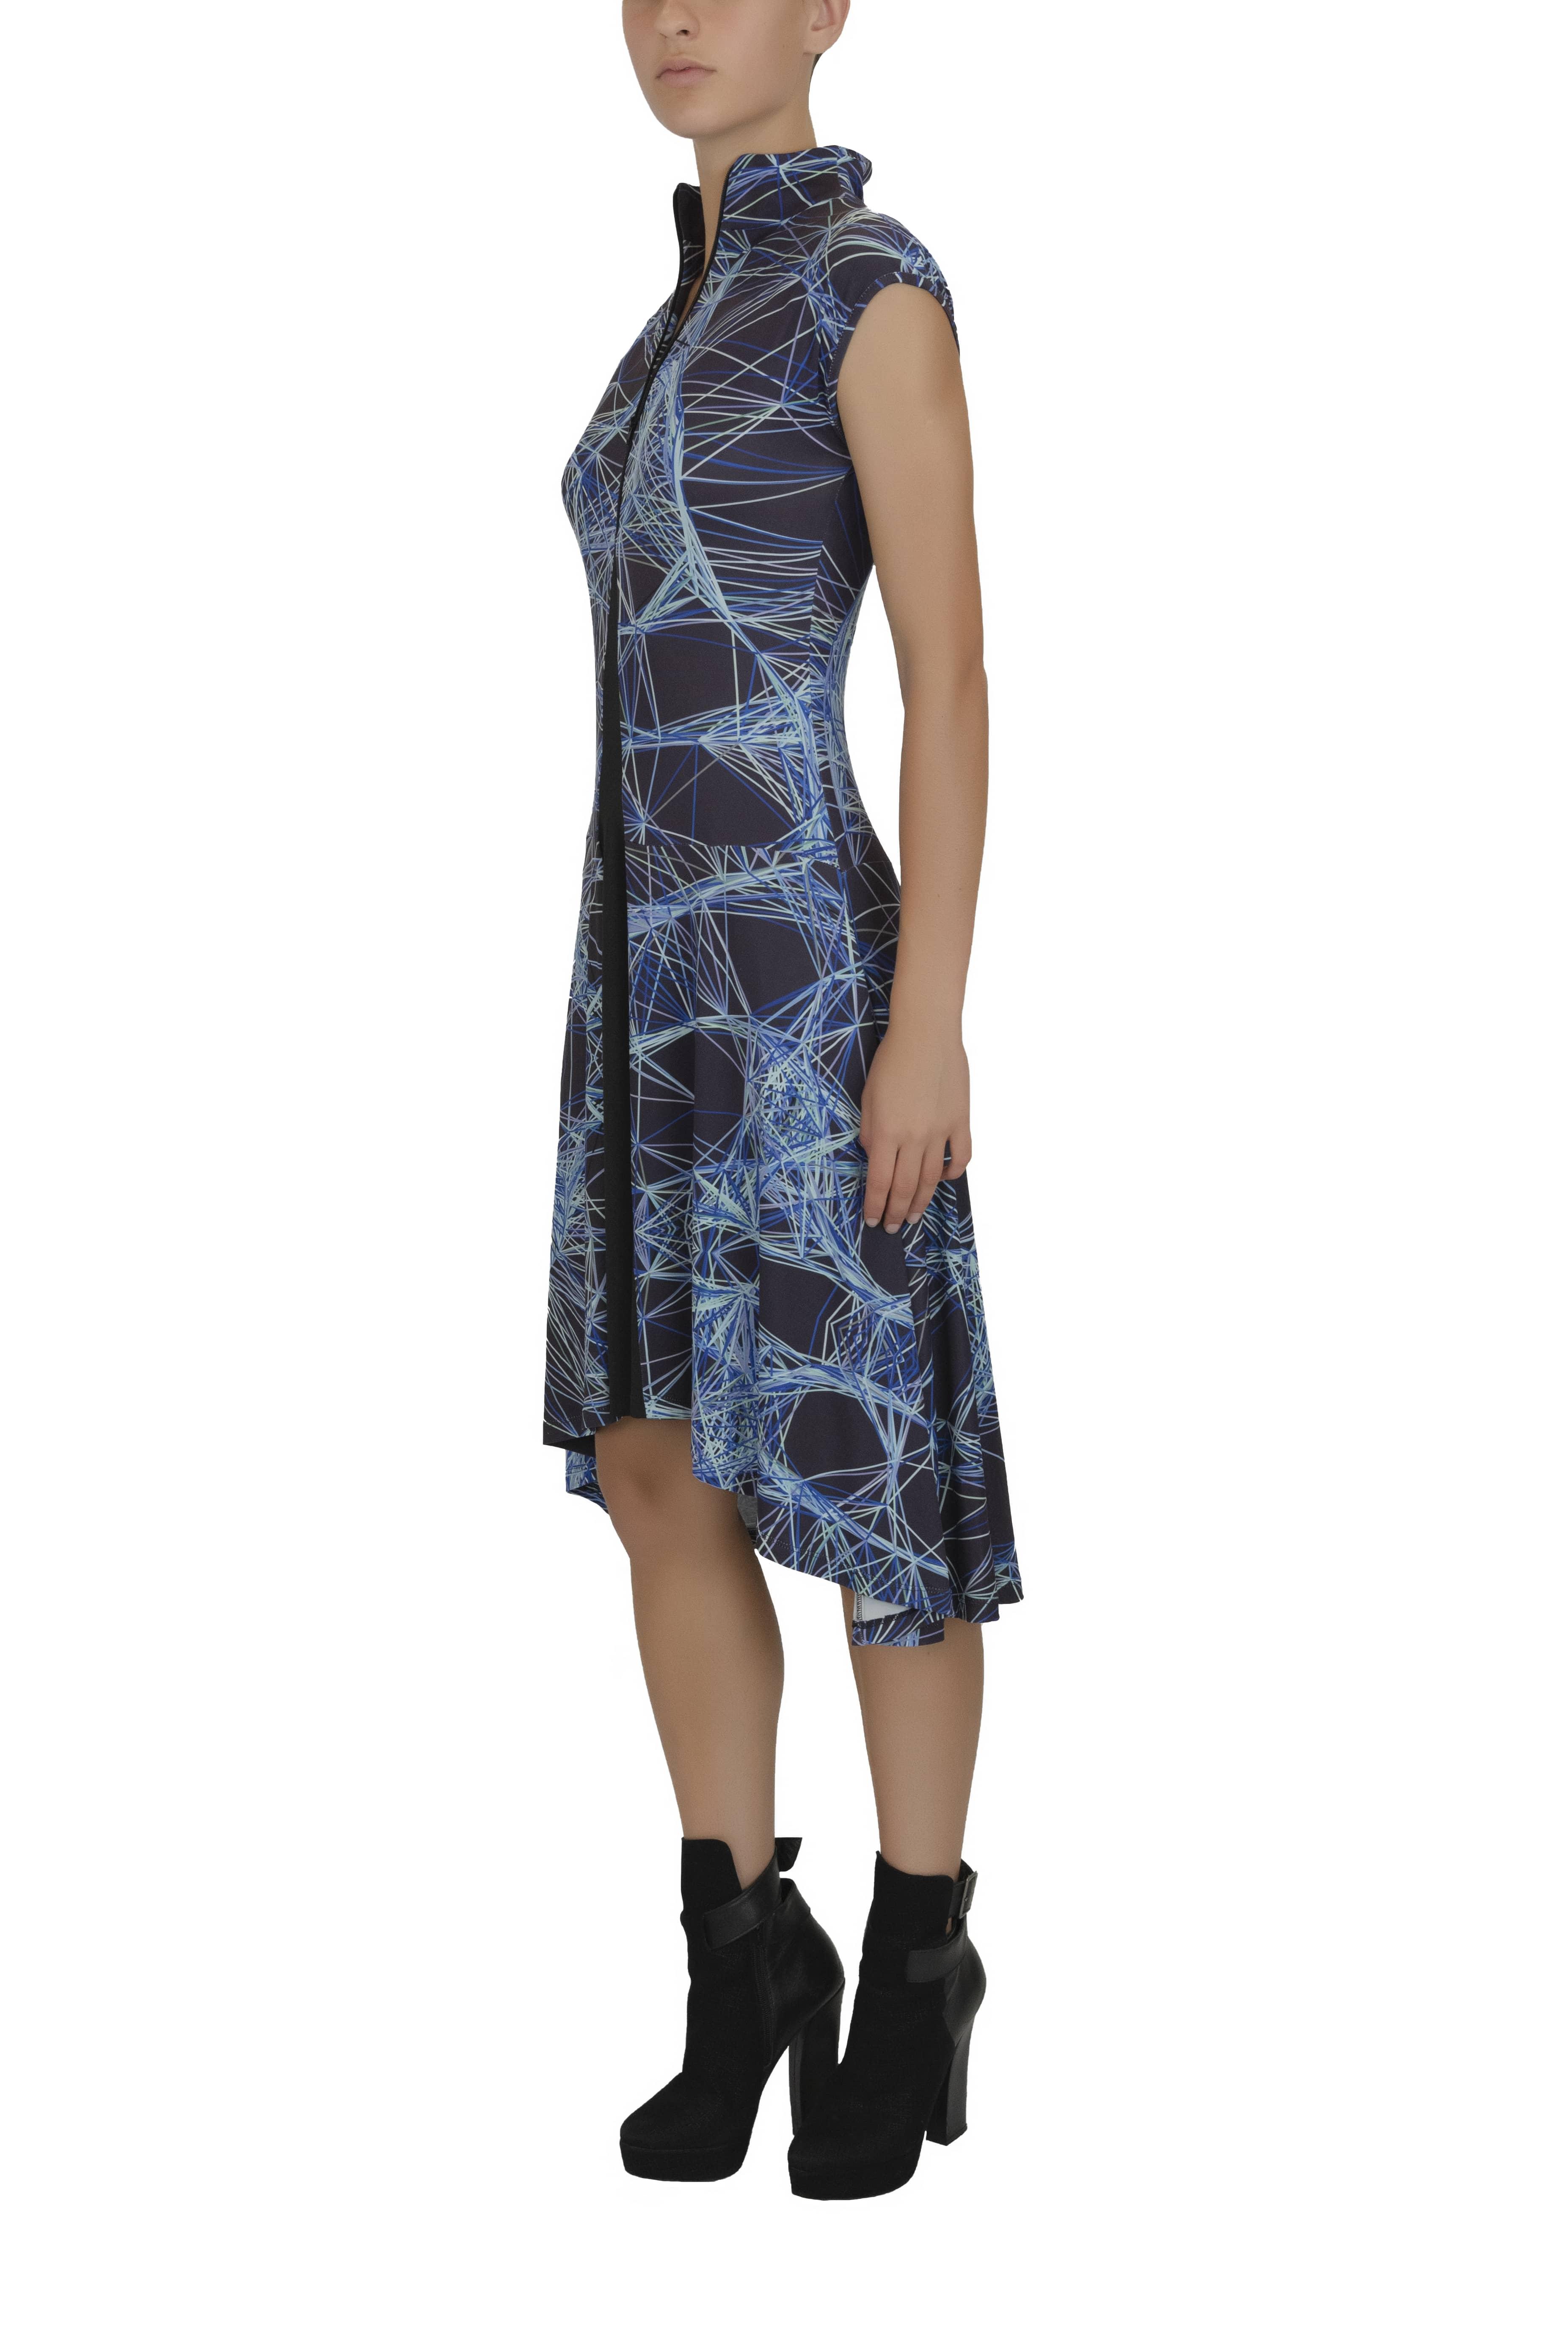 Dress ALBALI 2